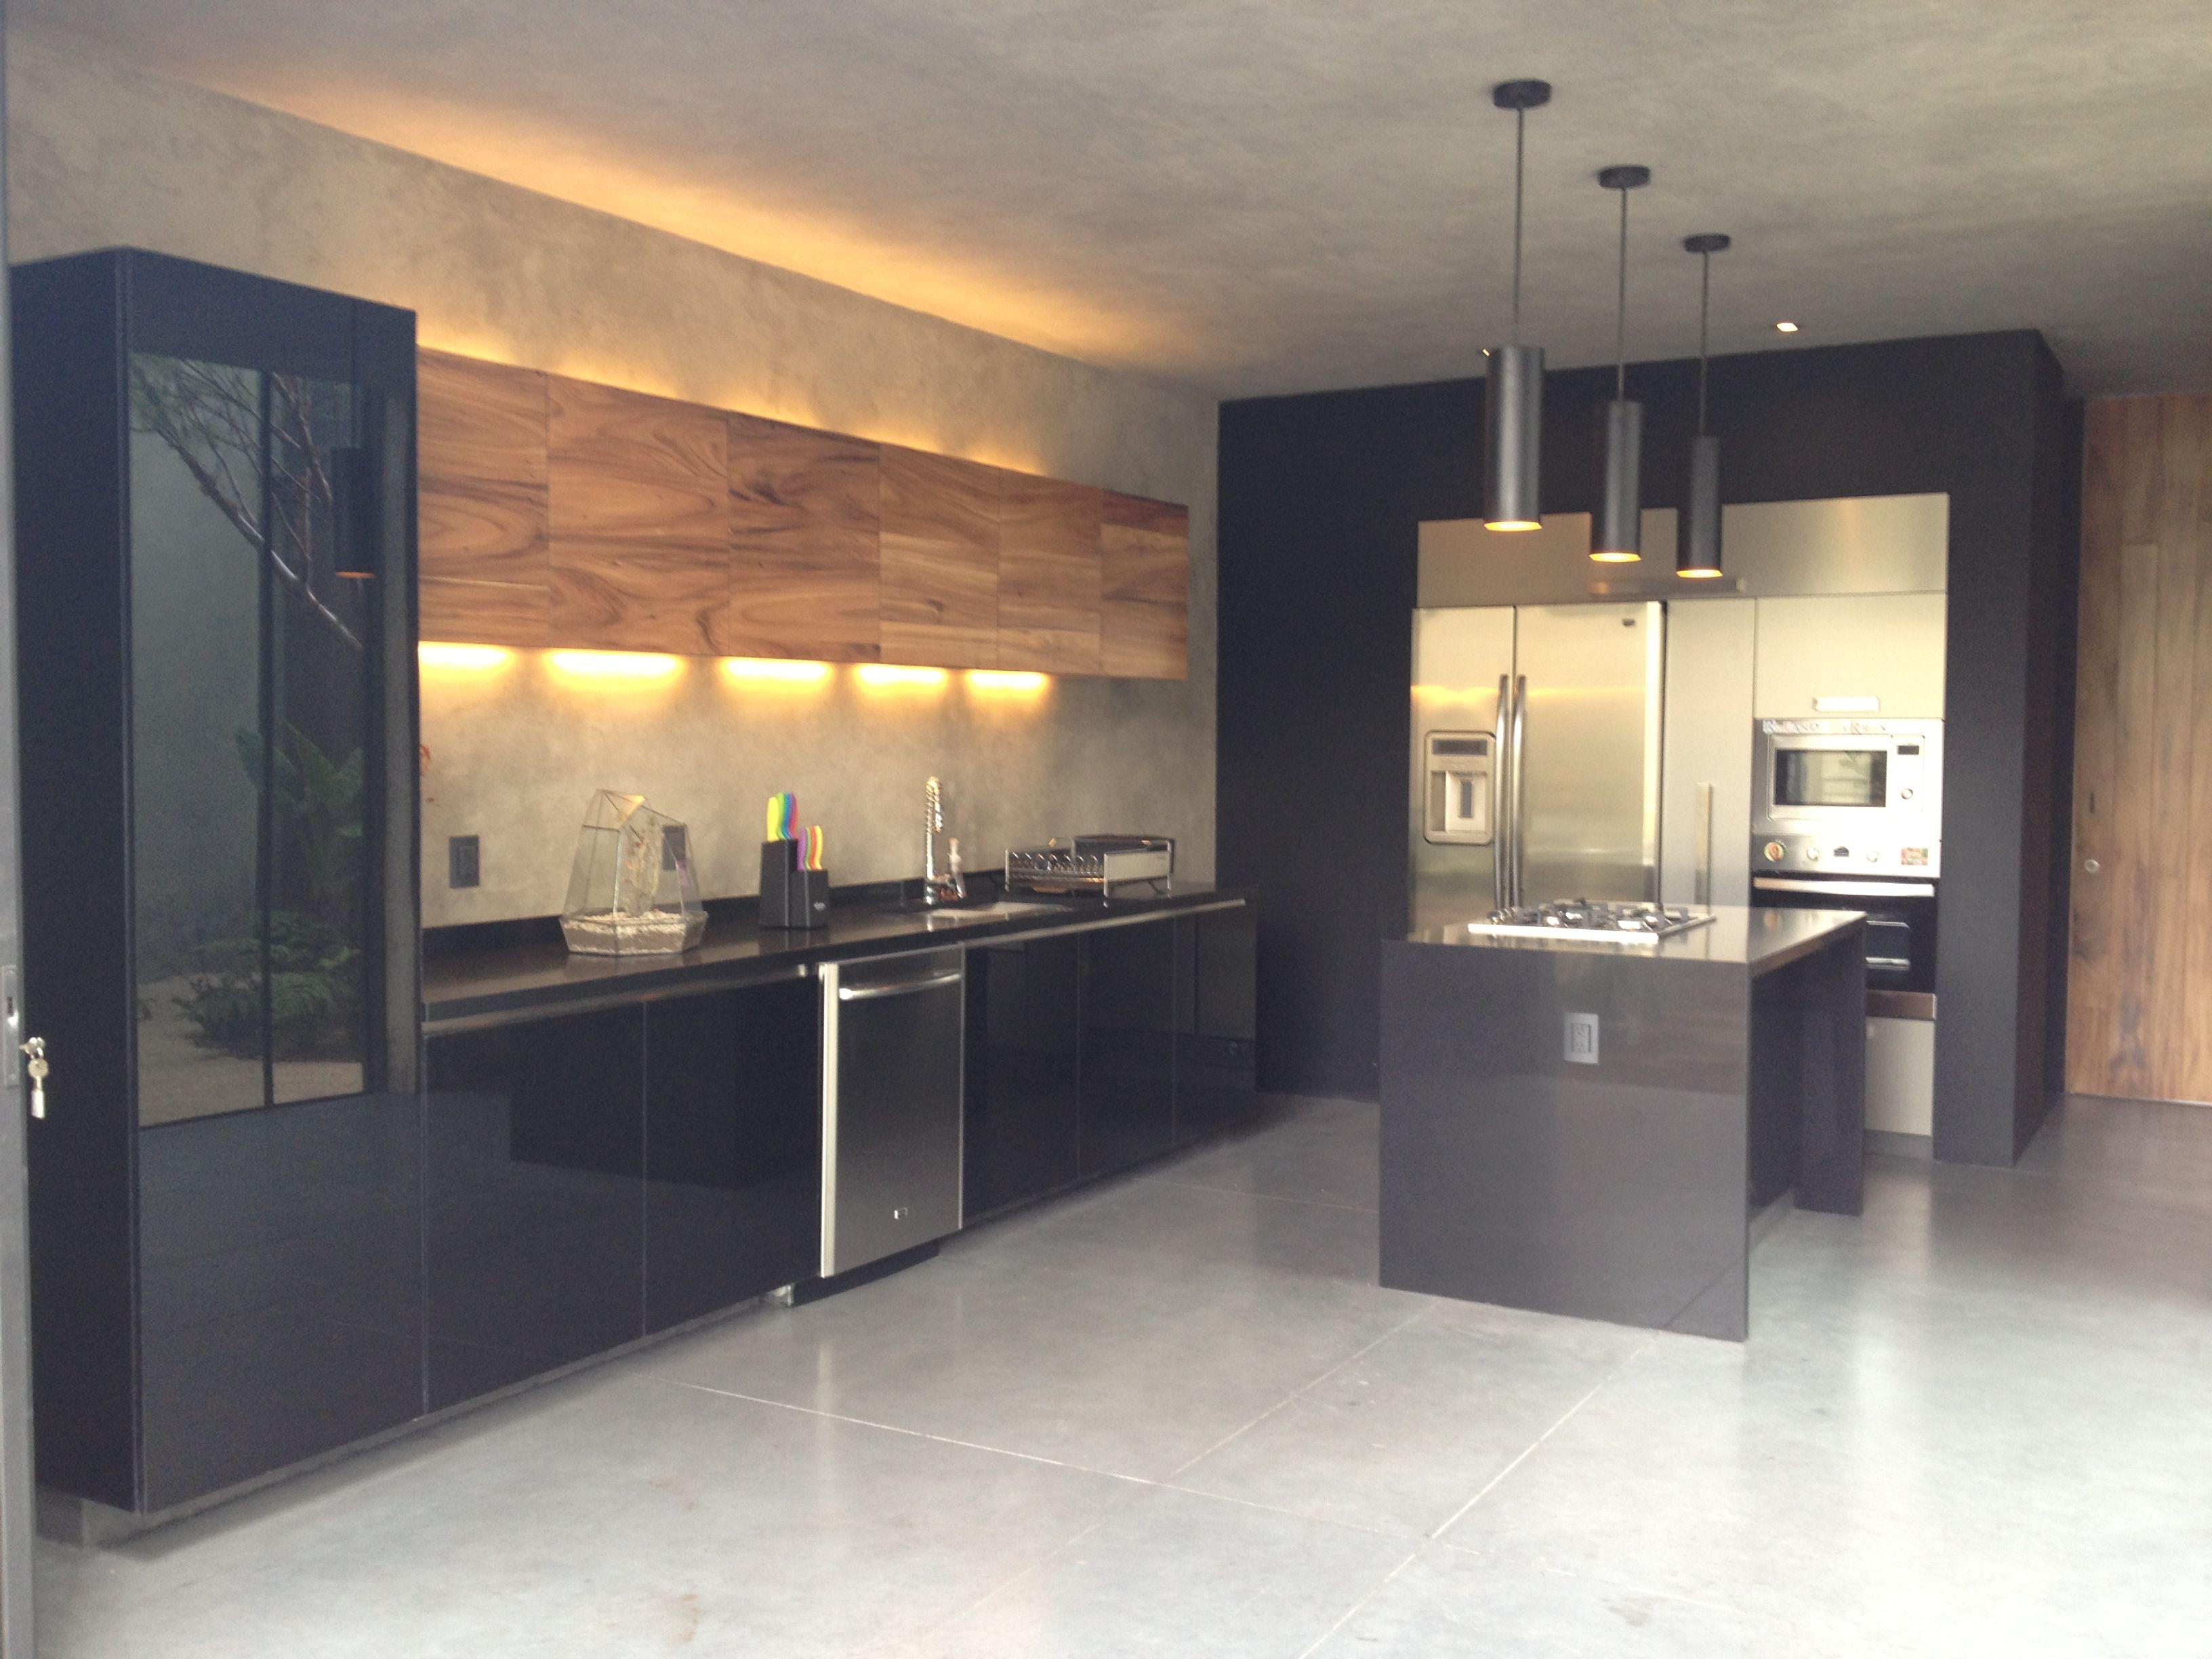 Casa prado ad11 guadalajara cocina de vidrio negro - Cocinas en guadalajara ...